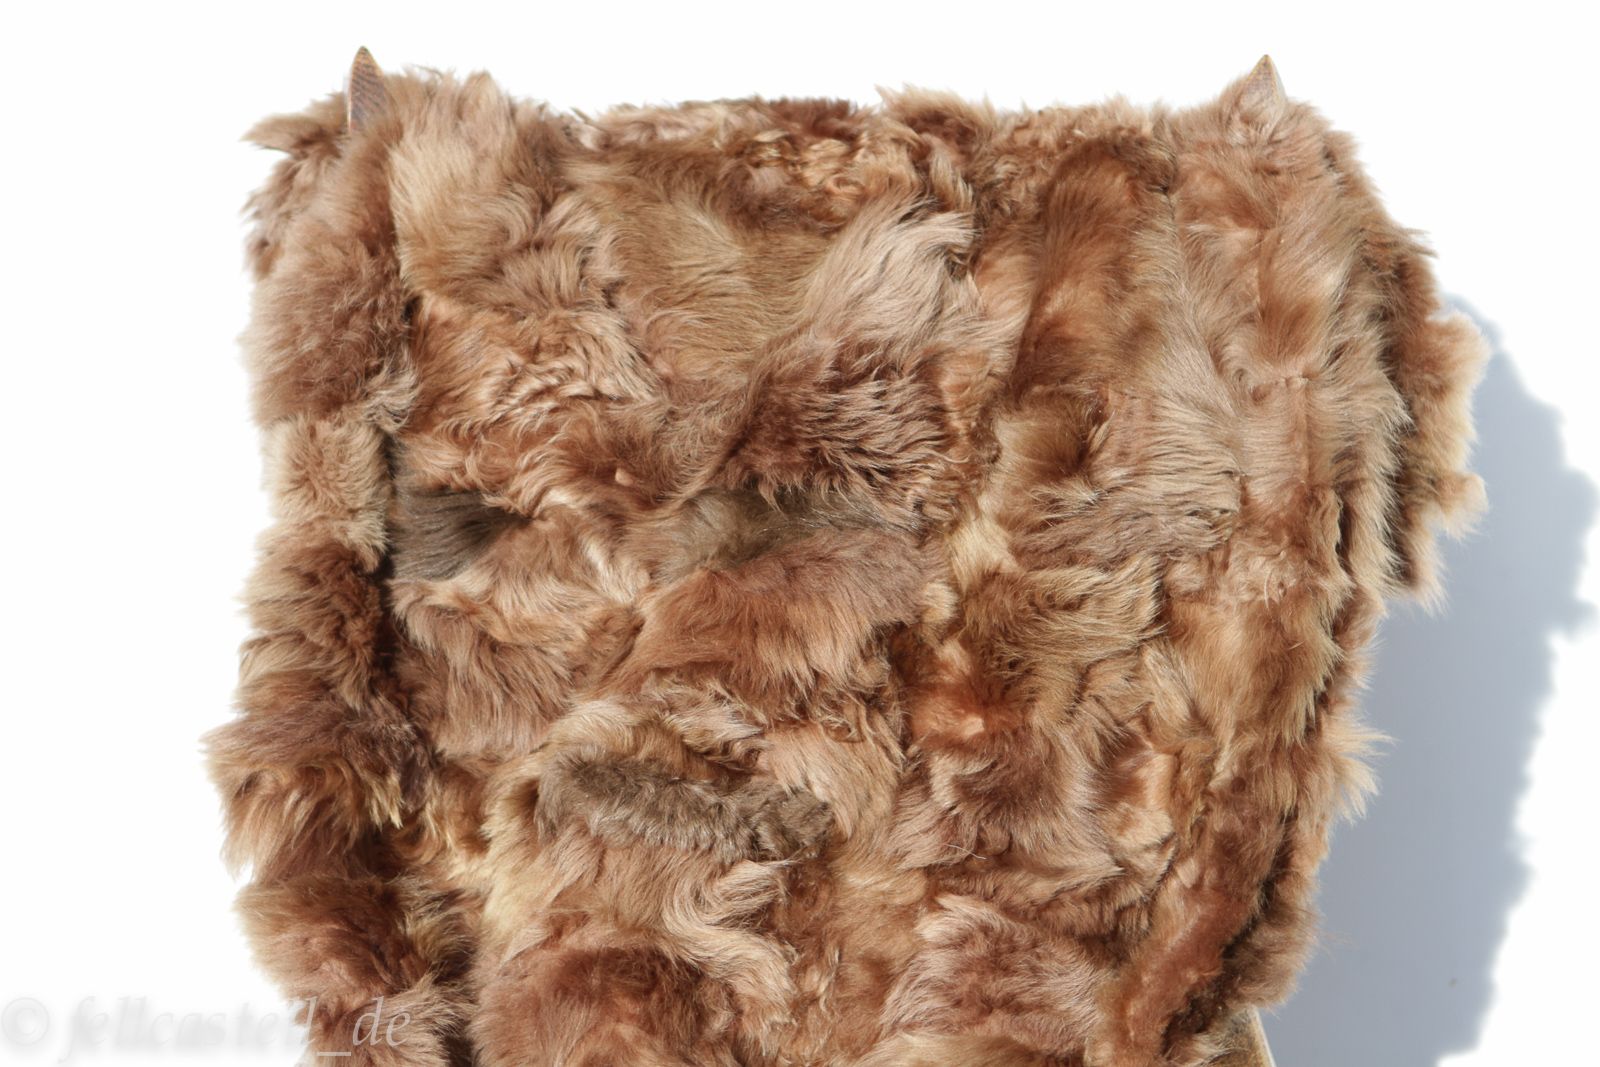 Pelzdecke aus Toscana Lammfell braun 200 x 155 cm abgefüttert